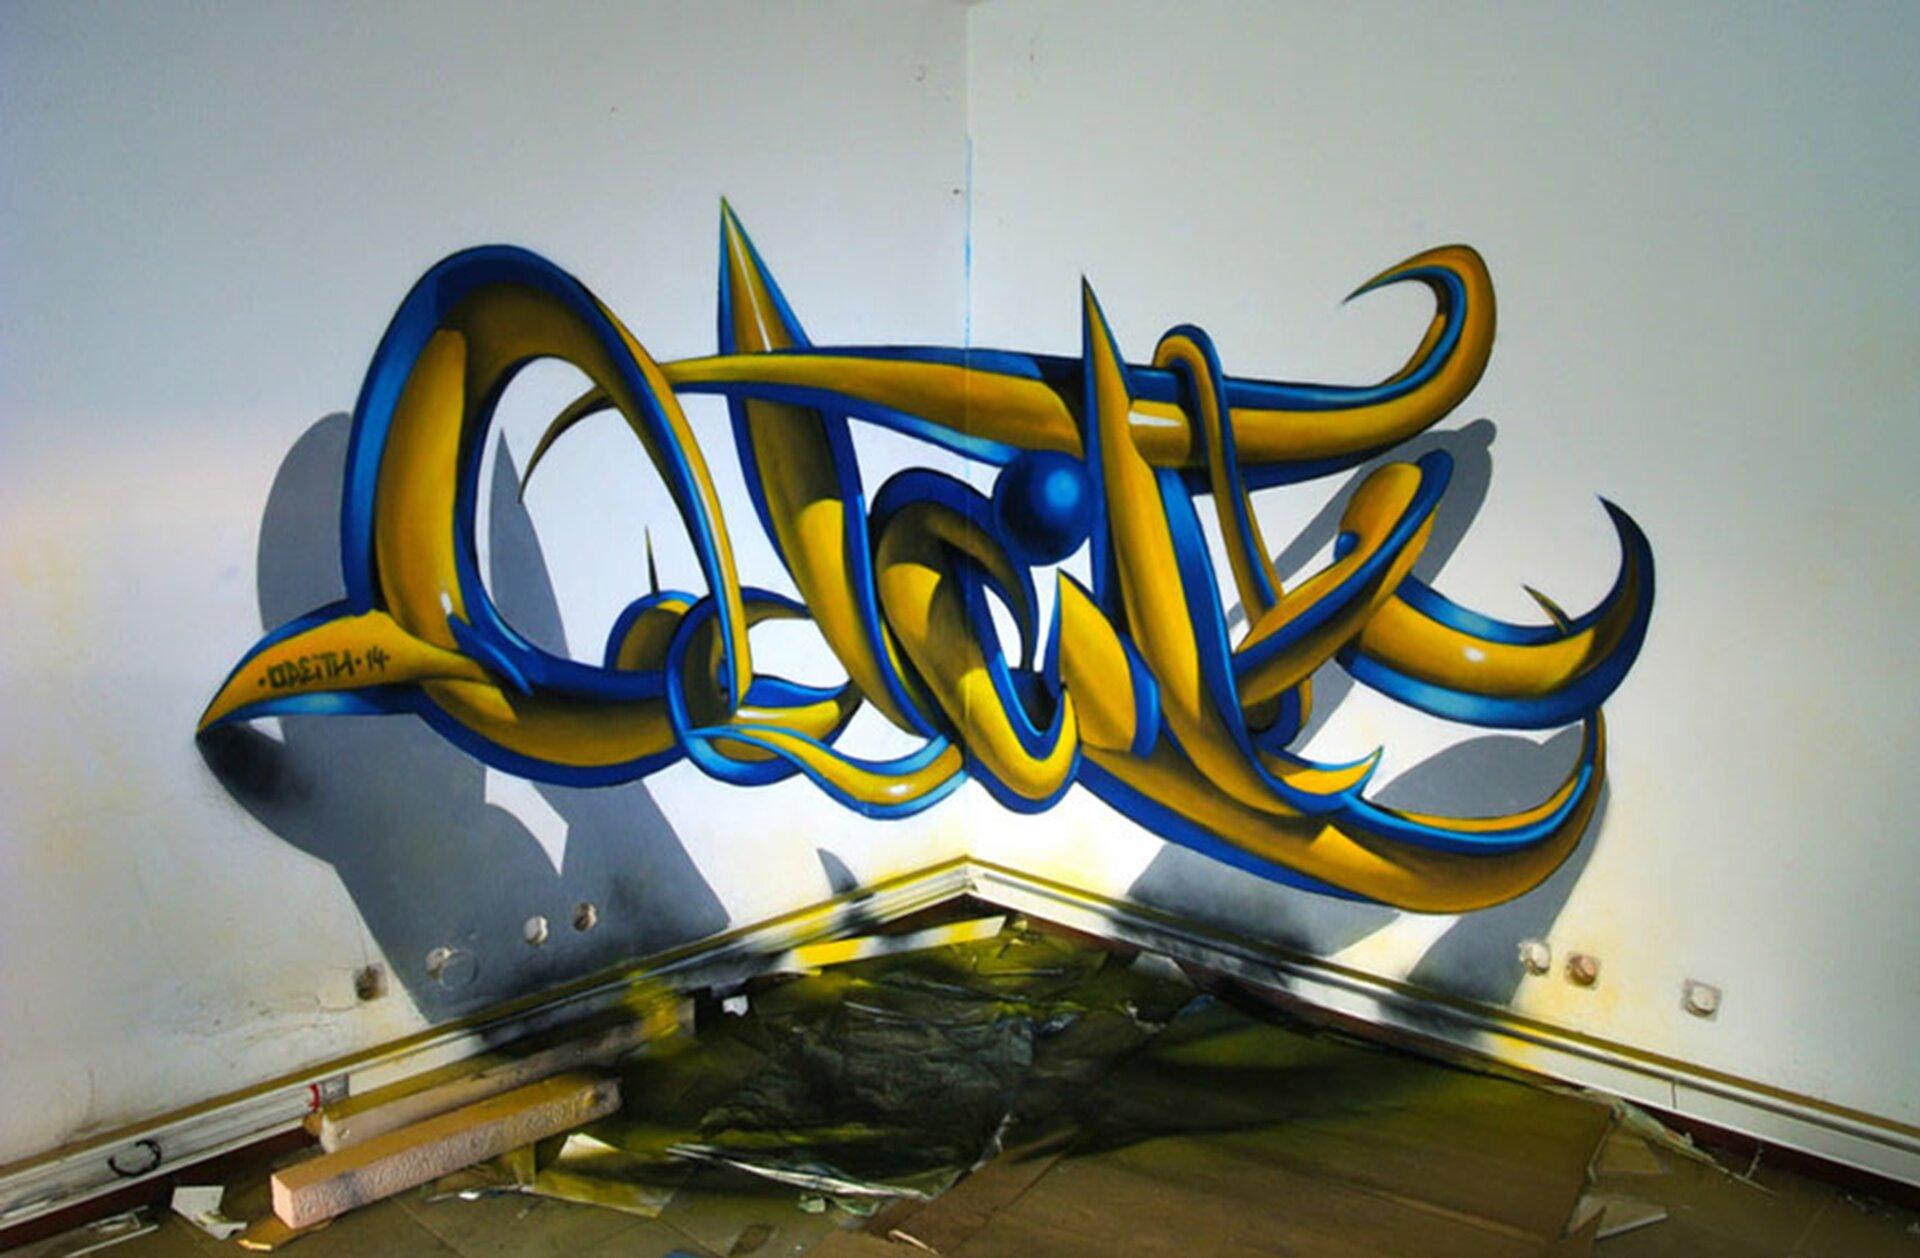 Ilustracja przedstawia graffiti Sergio Odeith'a. Ukazuje żółty napis zniebieskim konturem zamieszczony wrogu ściany wtaki sposób, że tworzy efekt trójwymiarowy. Na ścianie ipodłodze został namalowany cień napisu.